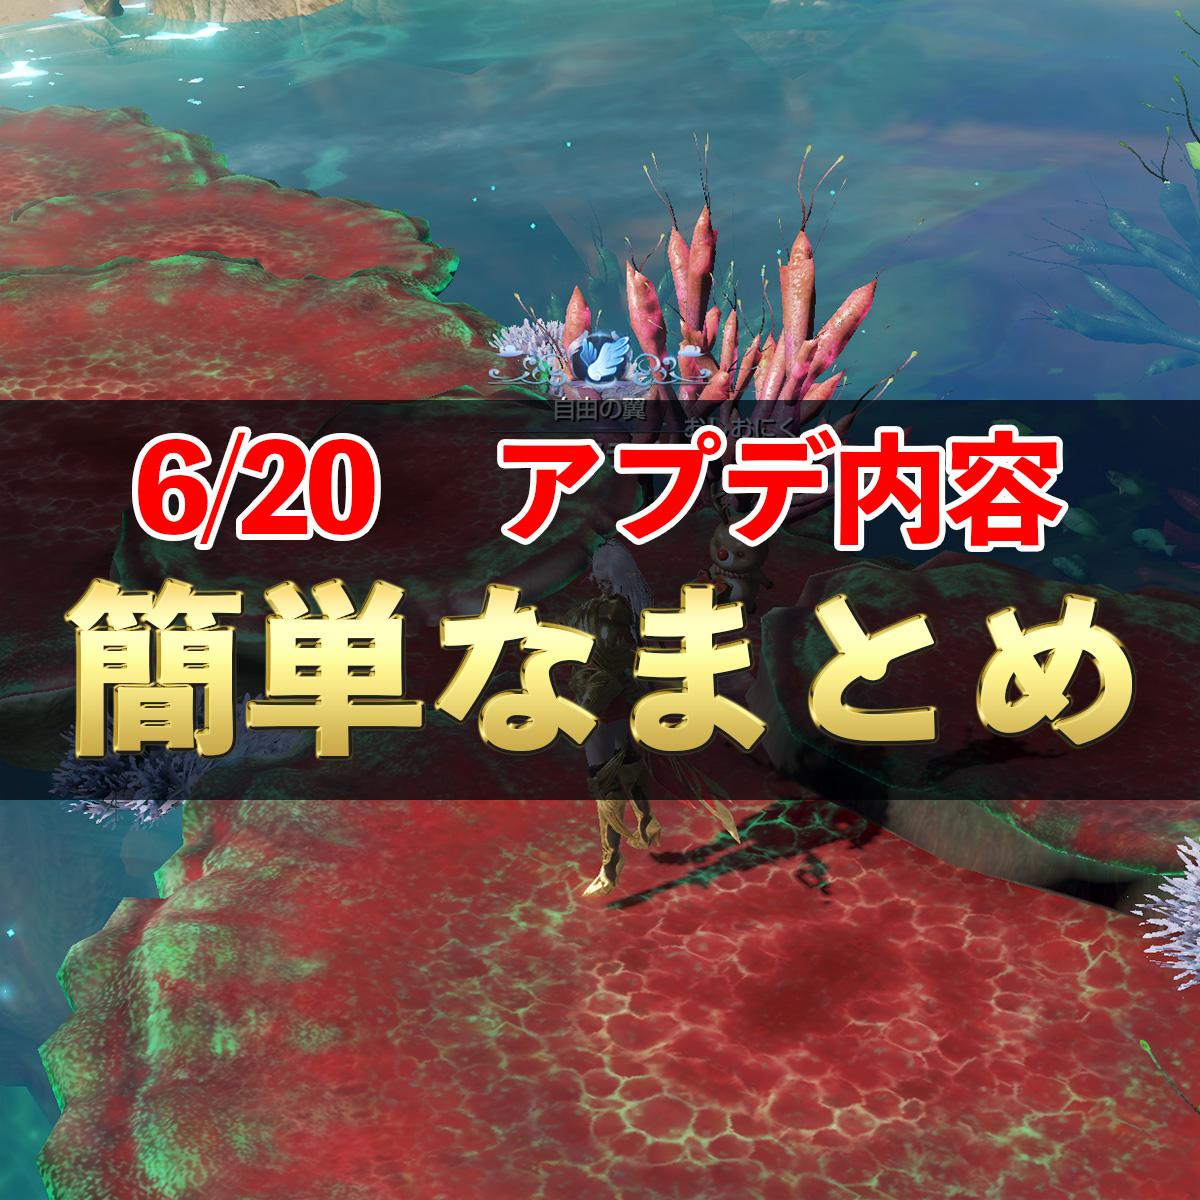 6/20アップデートまとめ